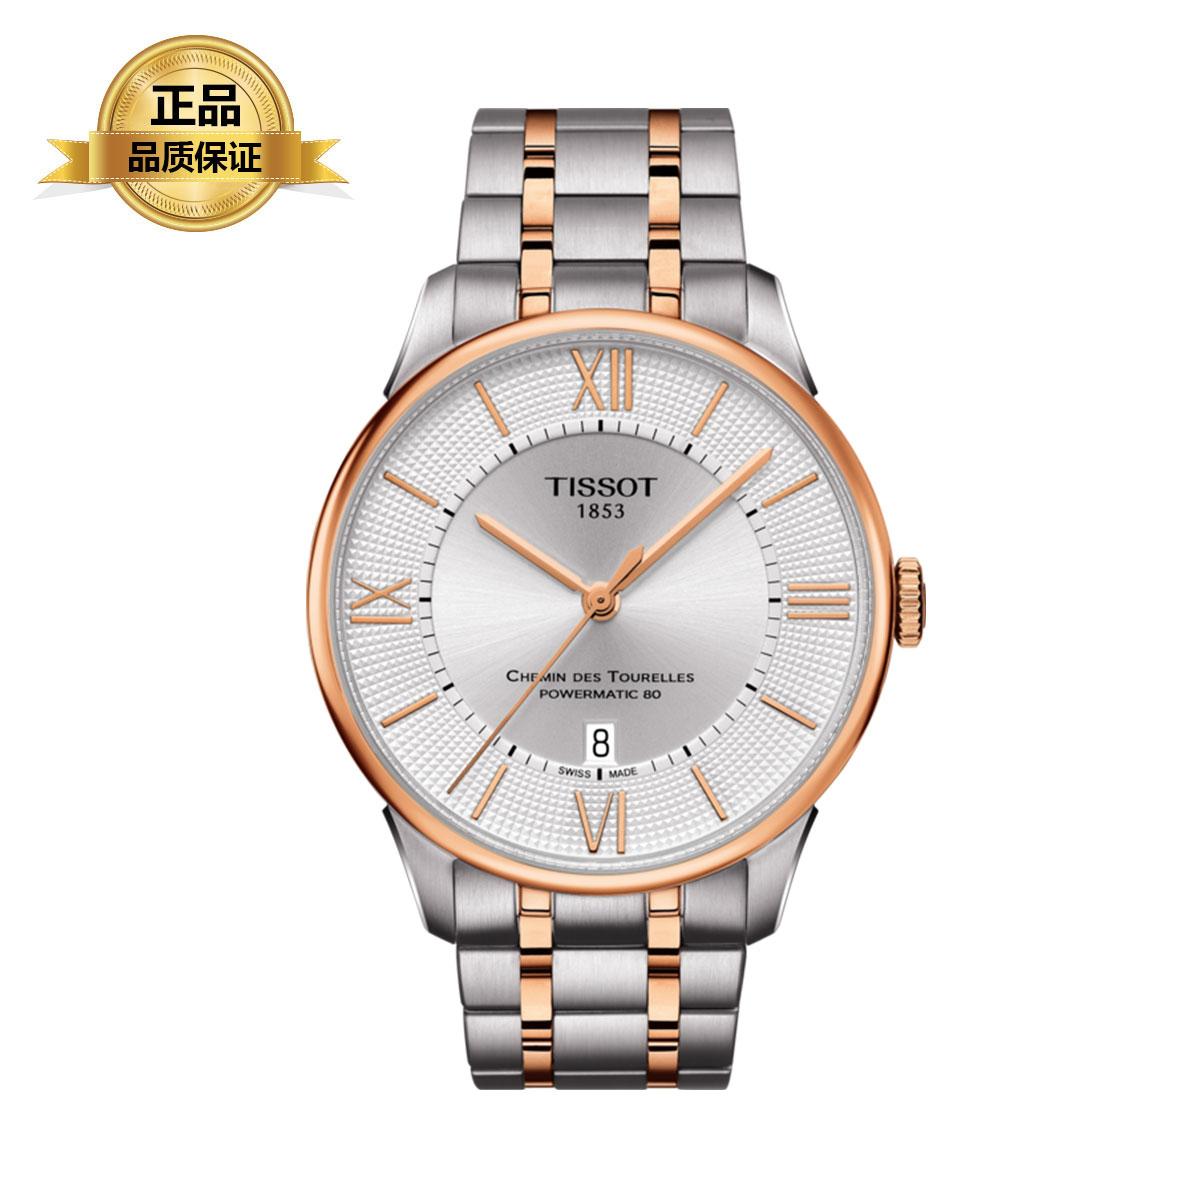 天梭瑞士天梭杜鲁尔 T0994072203802机械男表男士手表HAT099.407.22.038.02